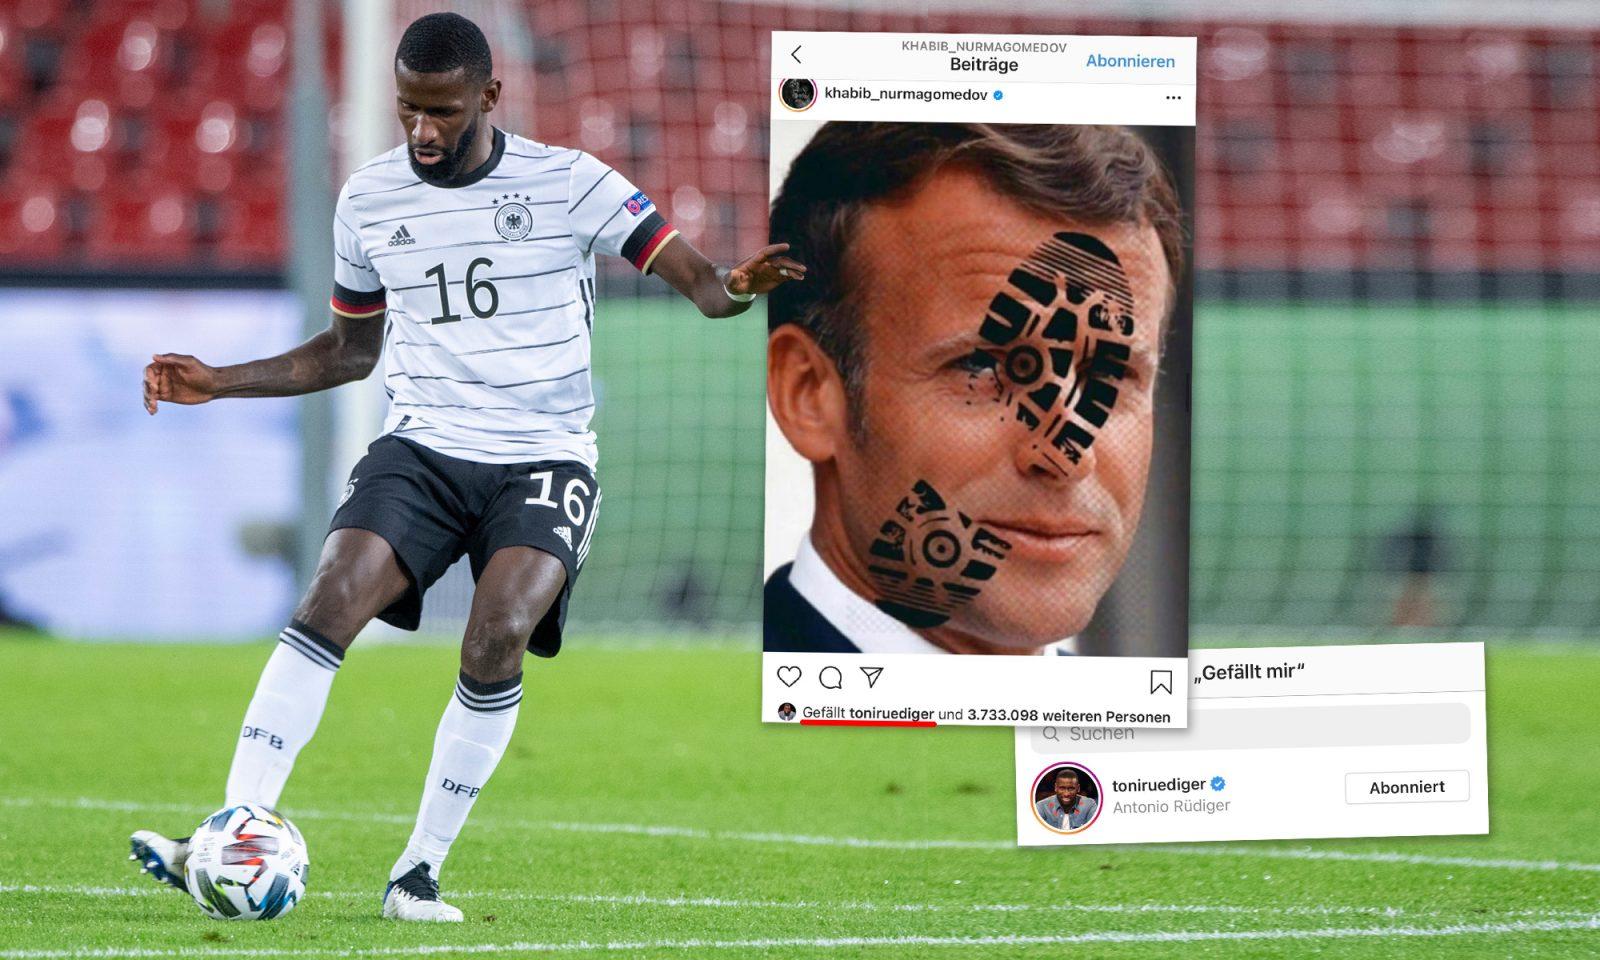 """Fußball-Nationalspieler Antonio Rüdiger """"gefällt"""" islamistischer Anti-Macron-Eintrag"""